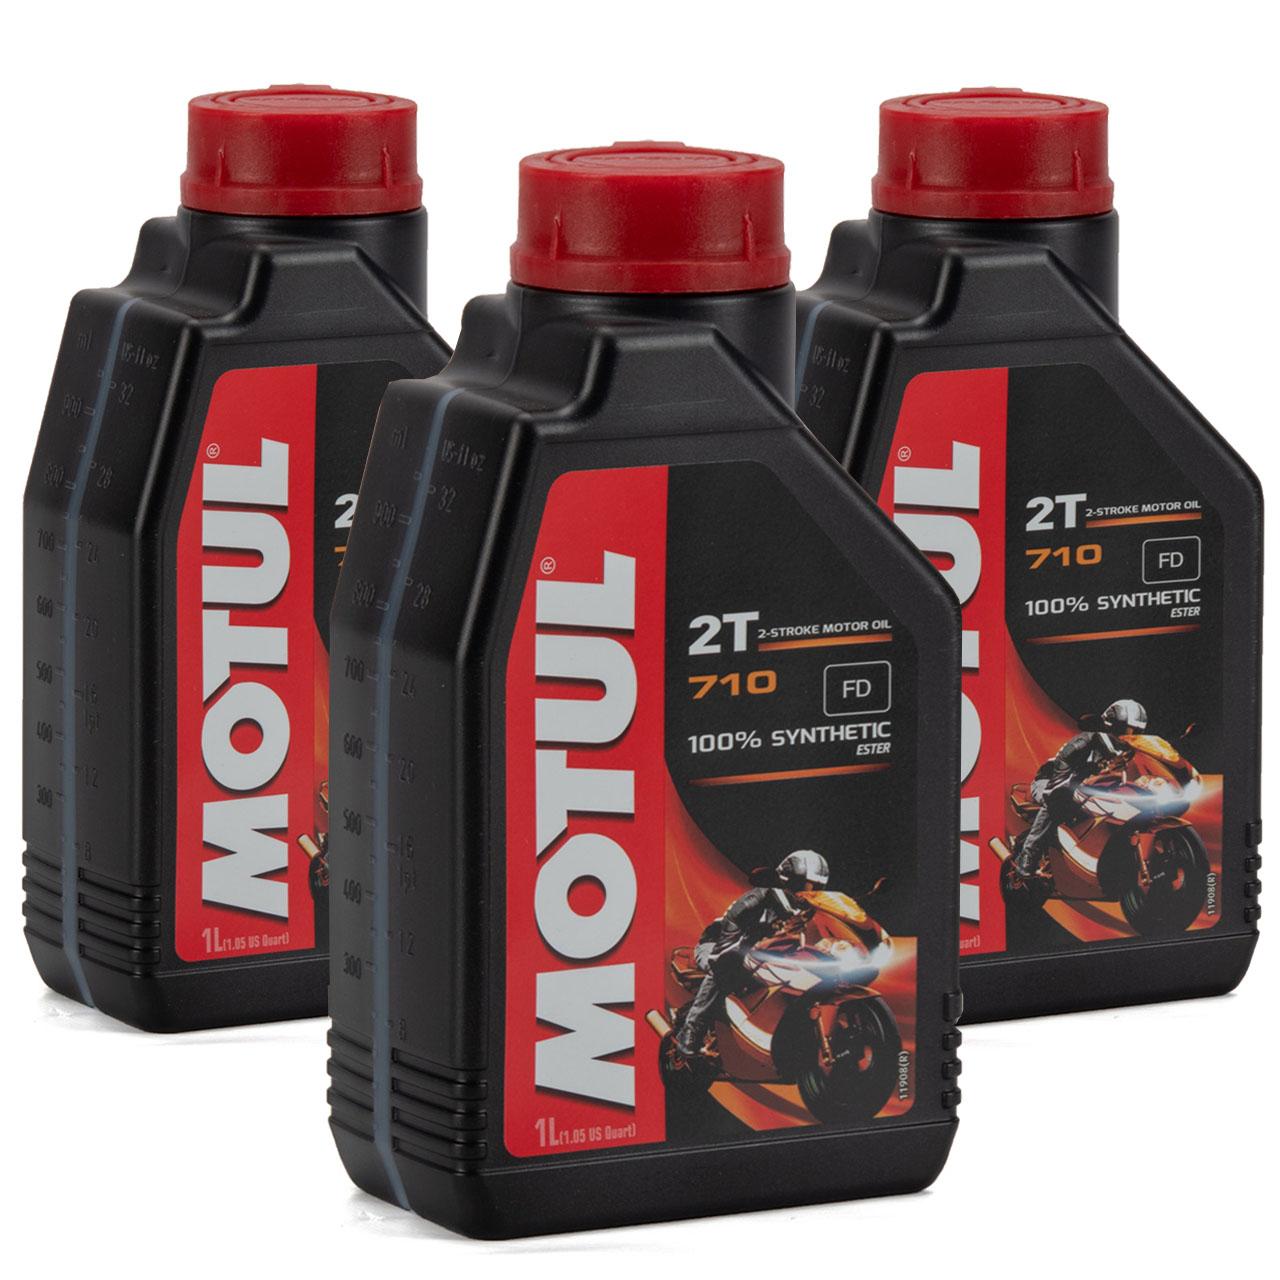 MOTUL 710 2T 2-TAKT FD ESTER Motoröl Öl API TC JASO FD ISO-L-EGD - 3L 3 Liter